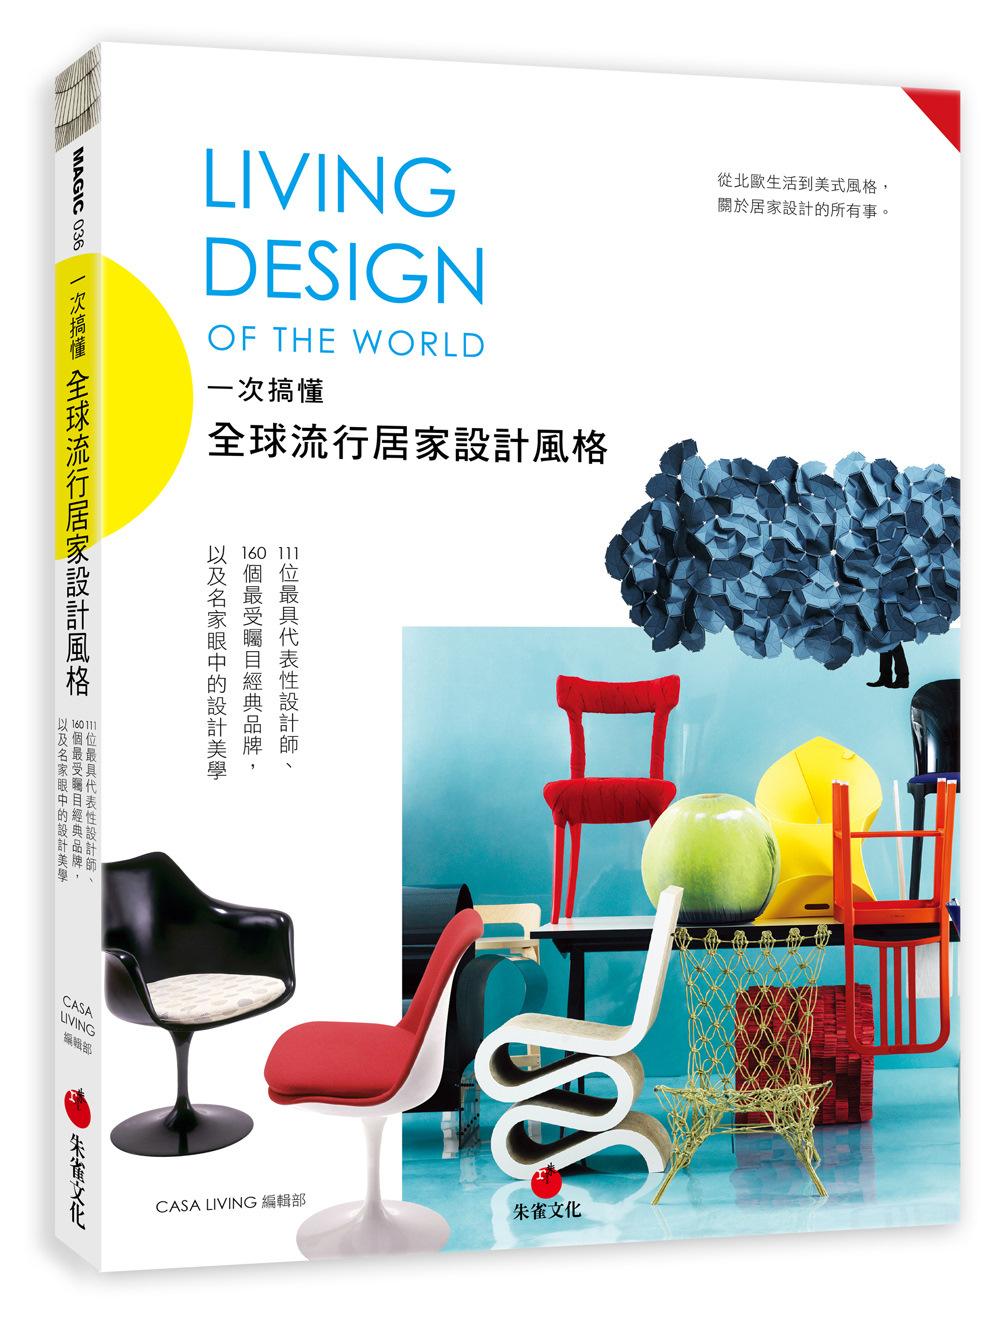 一次搞懂 居家 風格Living Design of the World:111位最具代表